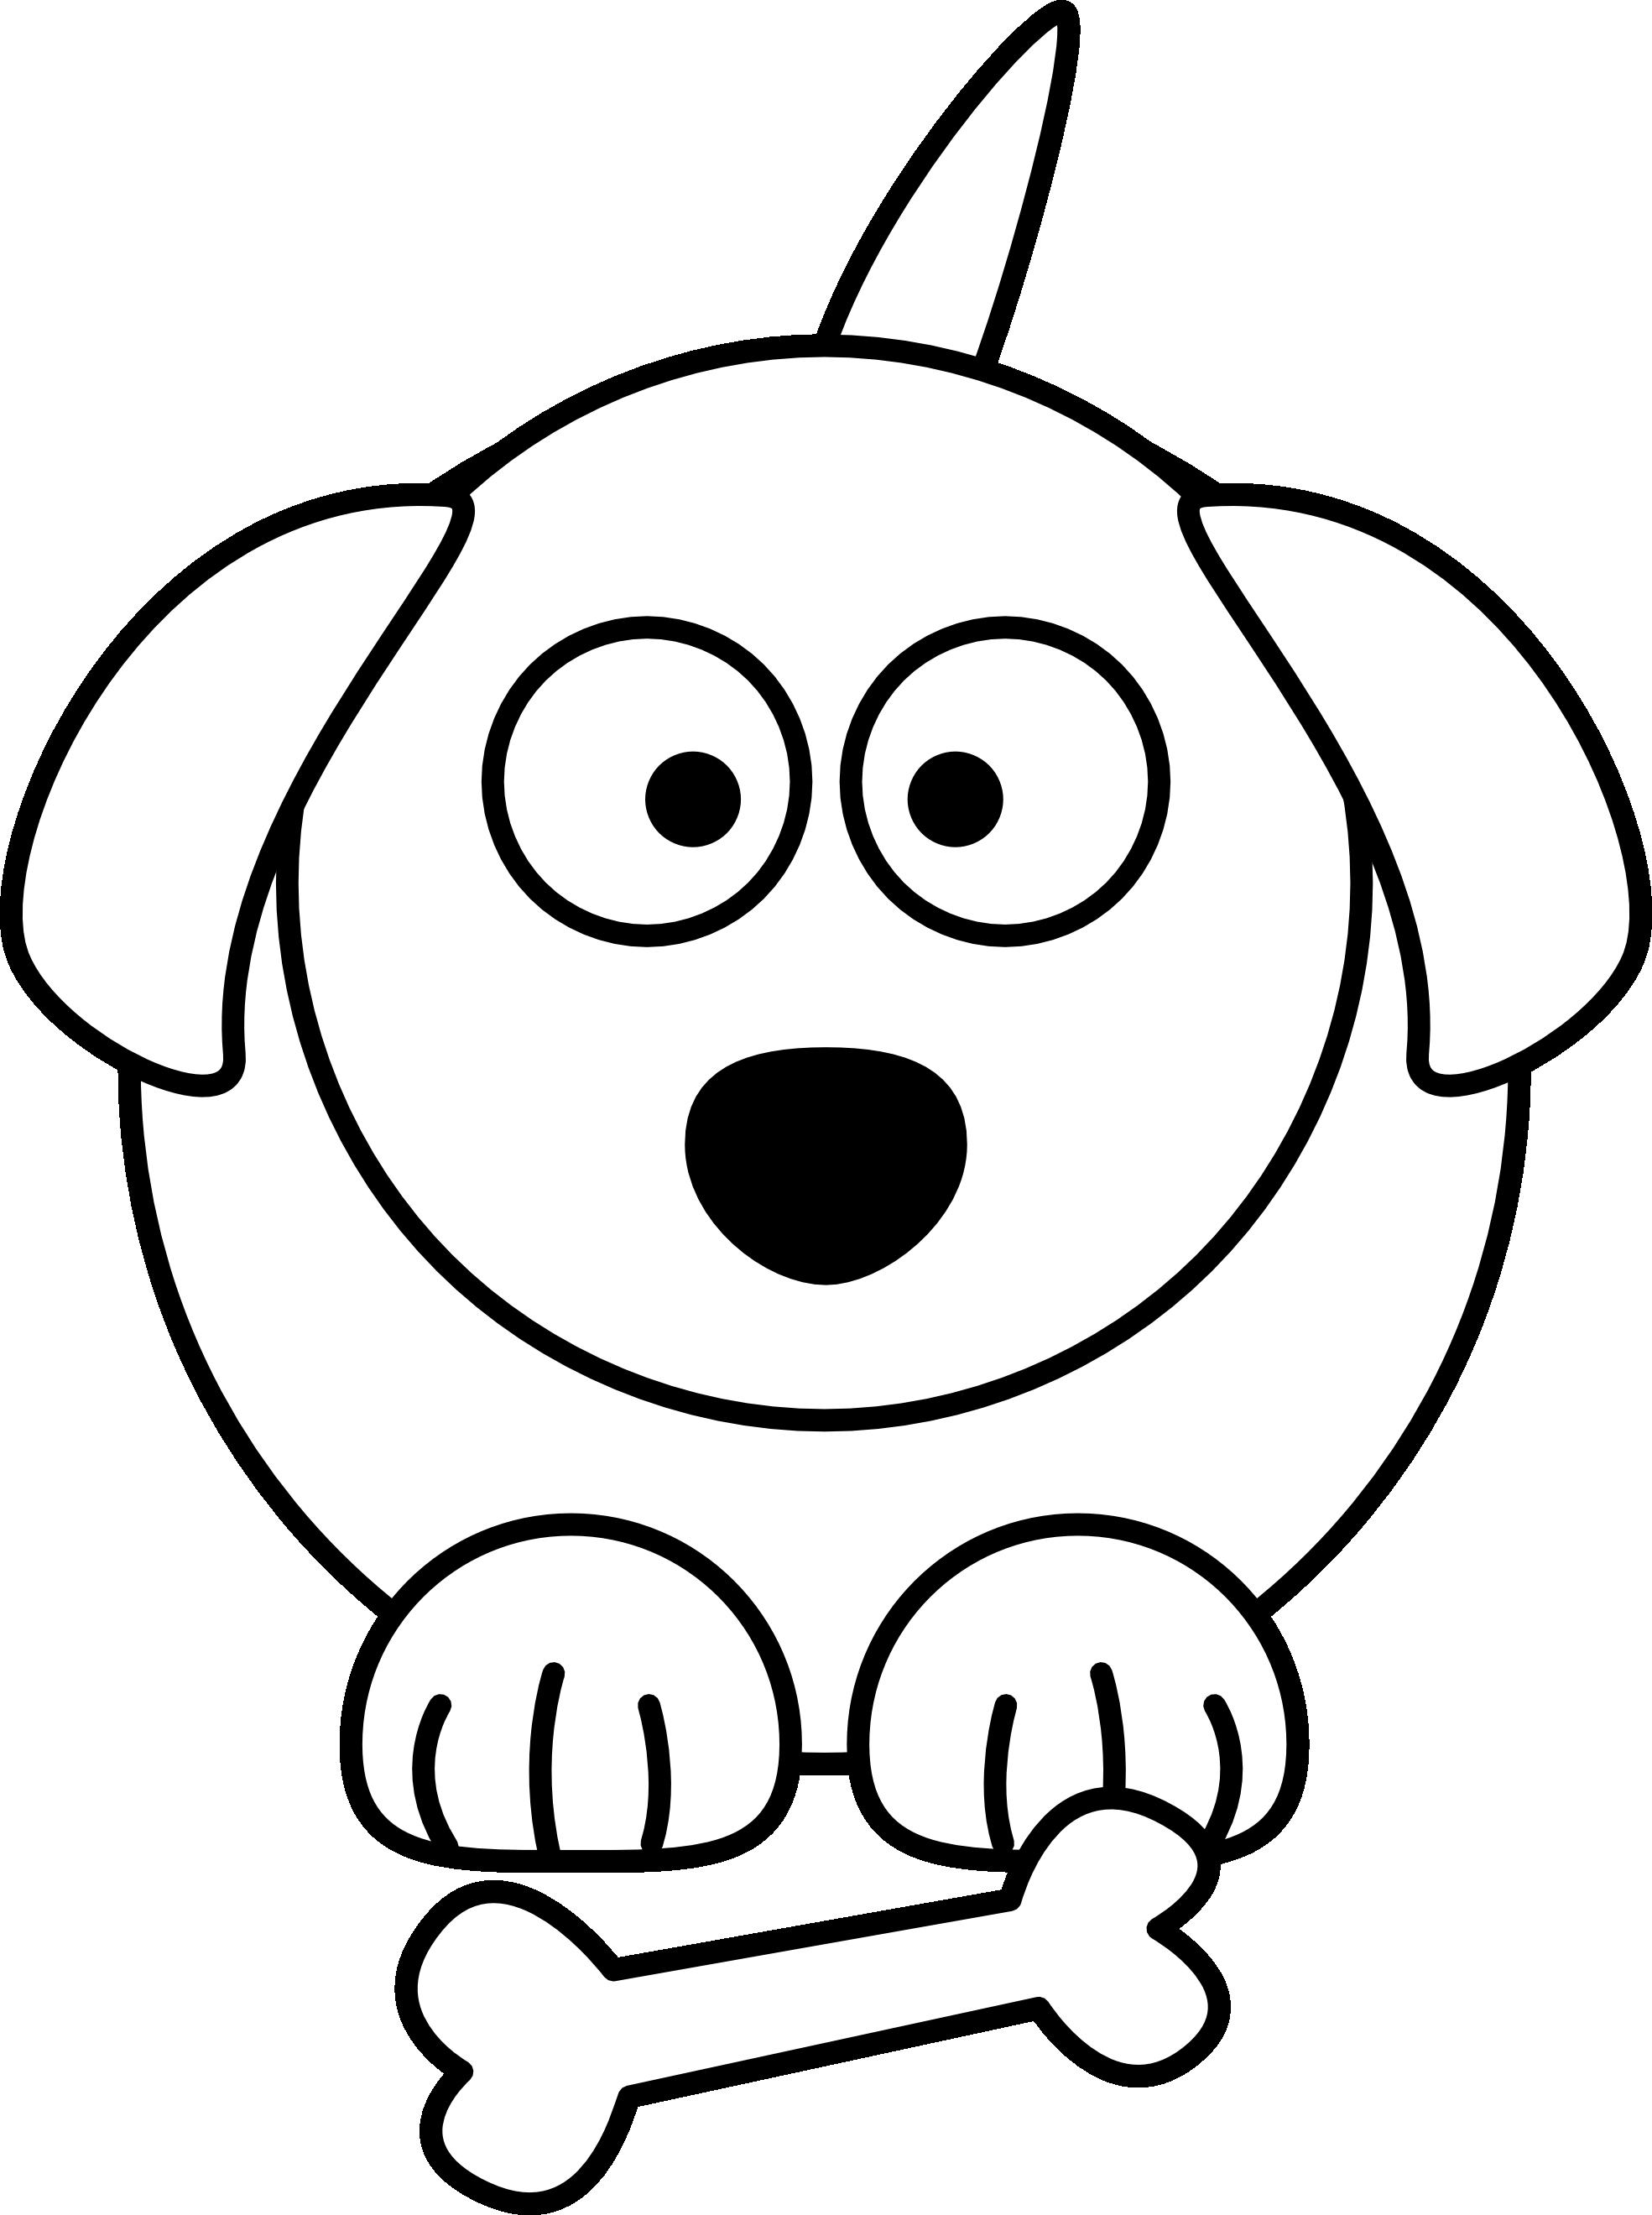 Cartoon Animal Drawings Free Download Best Cartoon Animal Drawings